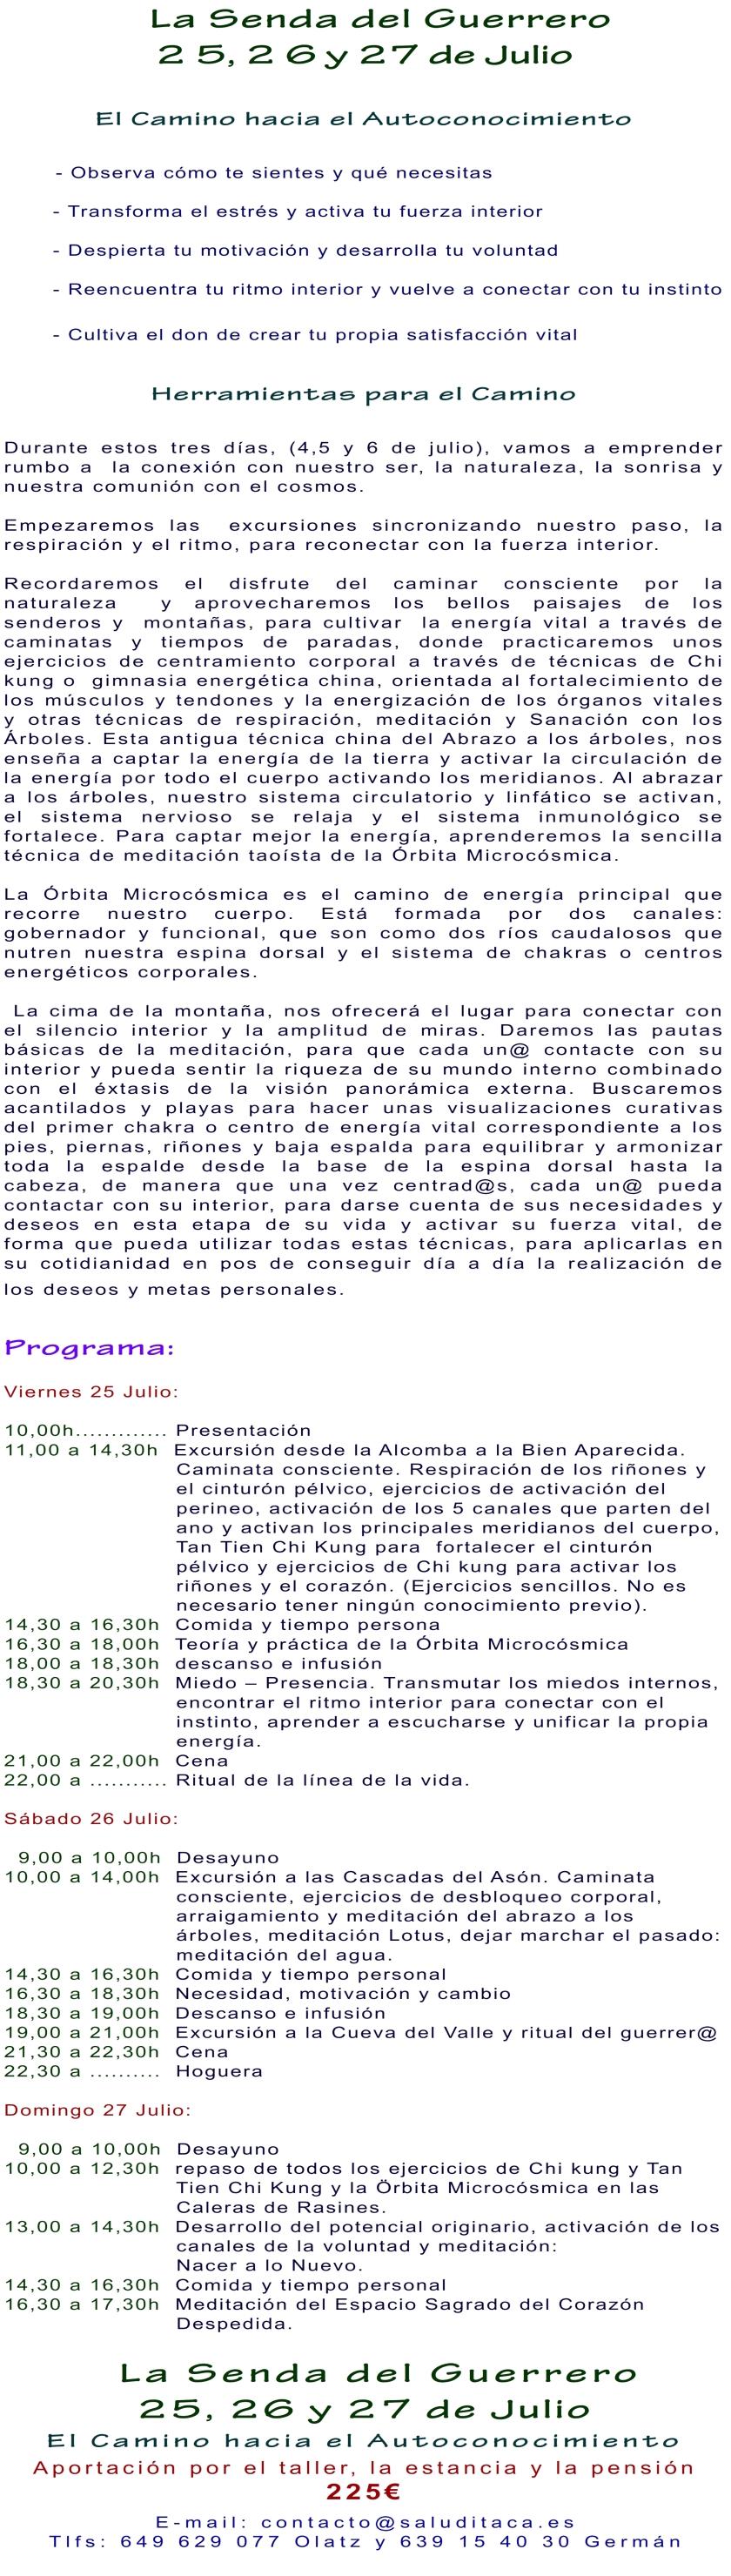 2014 LA SENDA DEL GUERRERO 25-27 JULIO